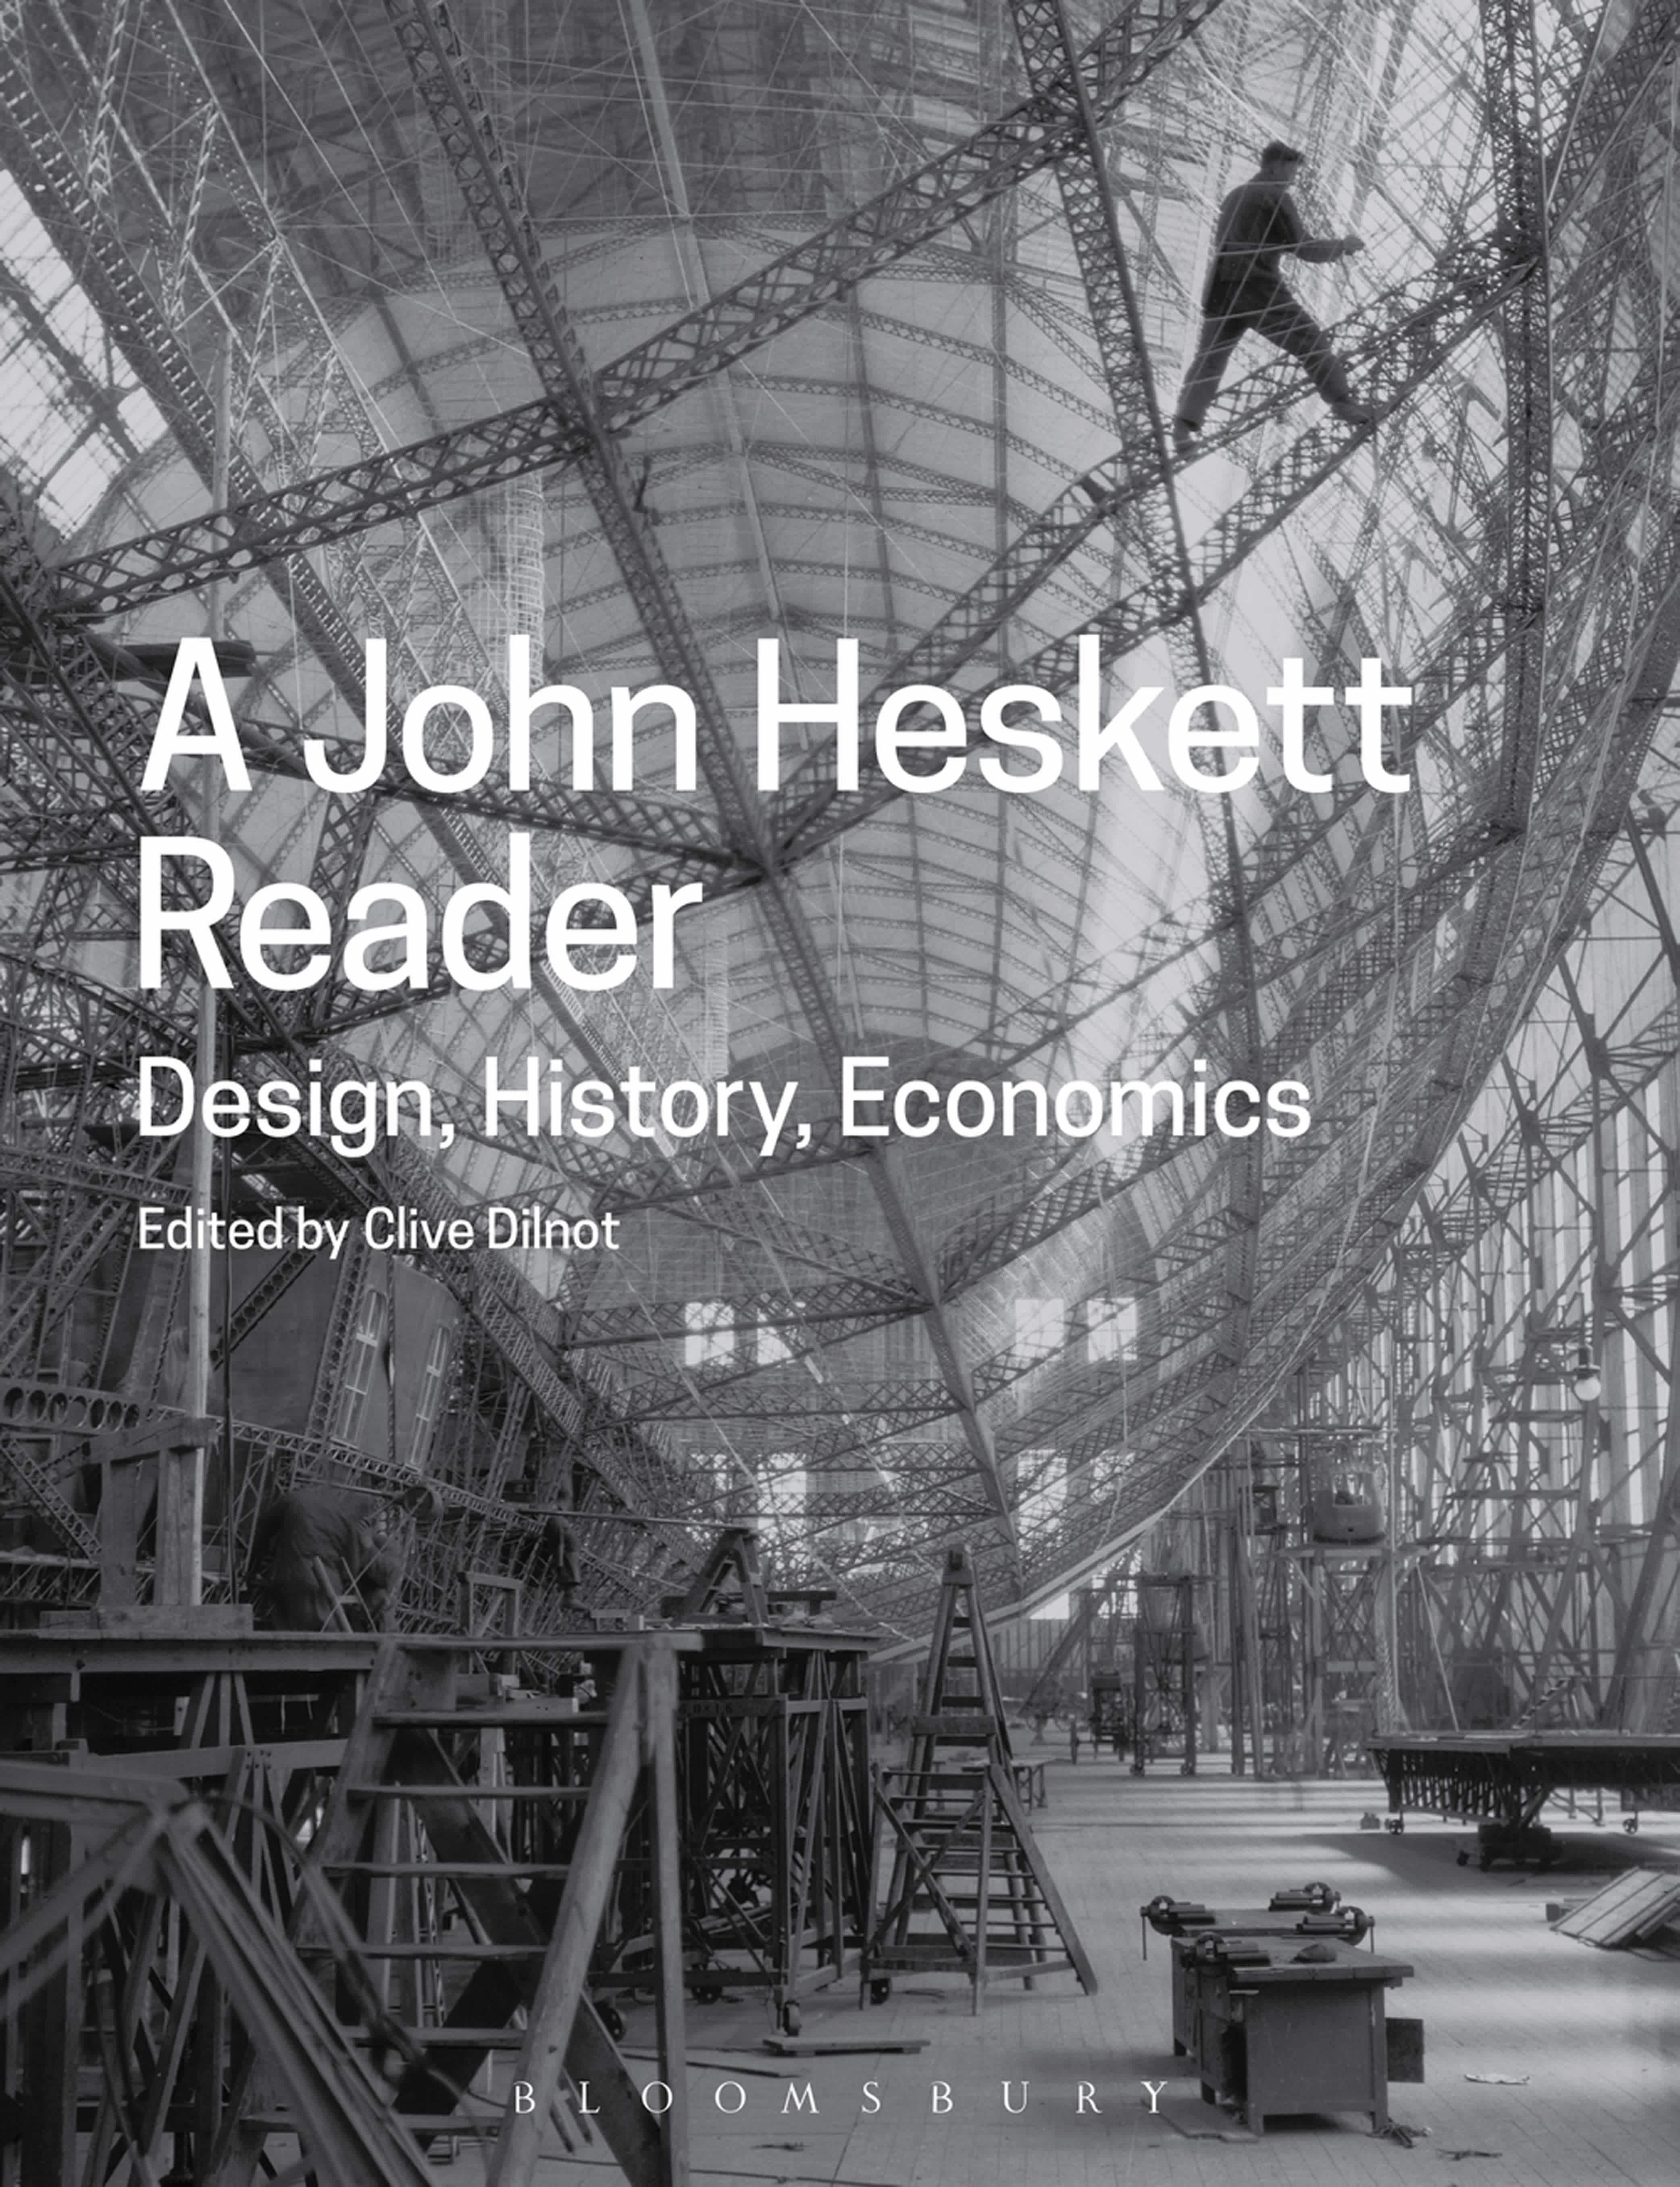 A John Heskett Reader